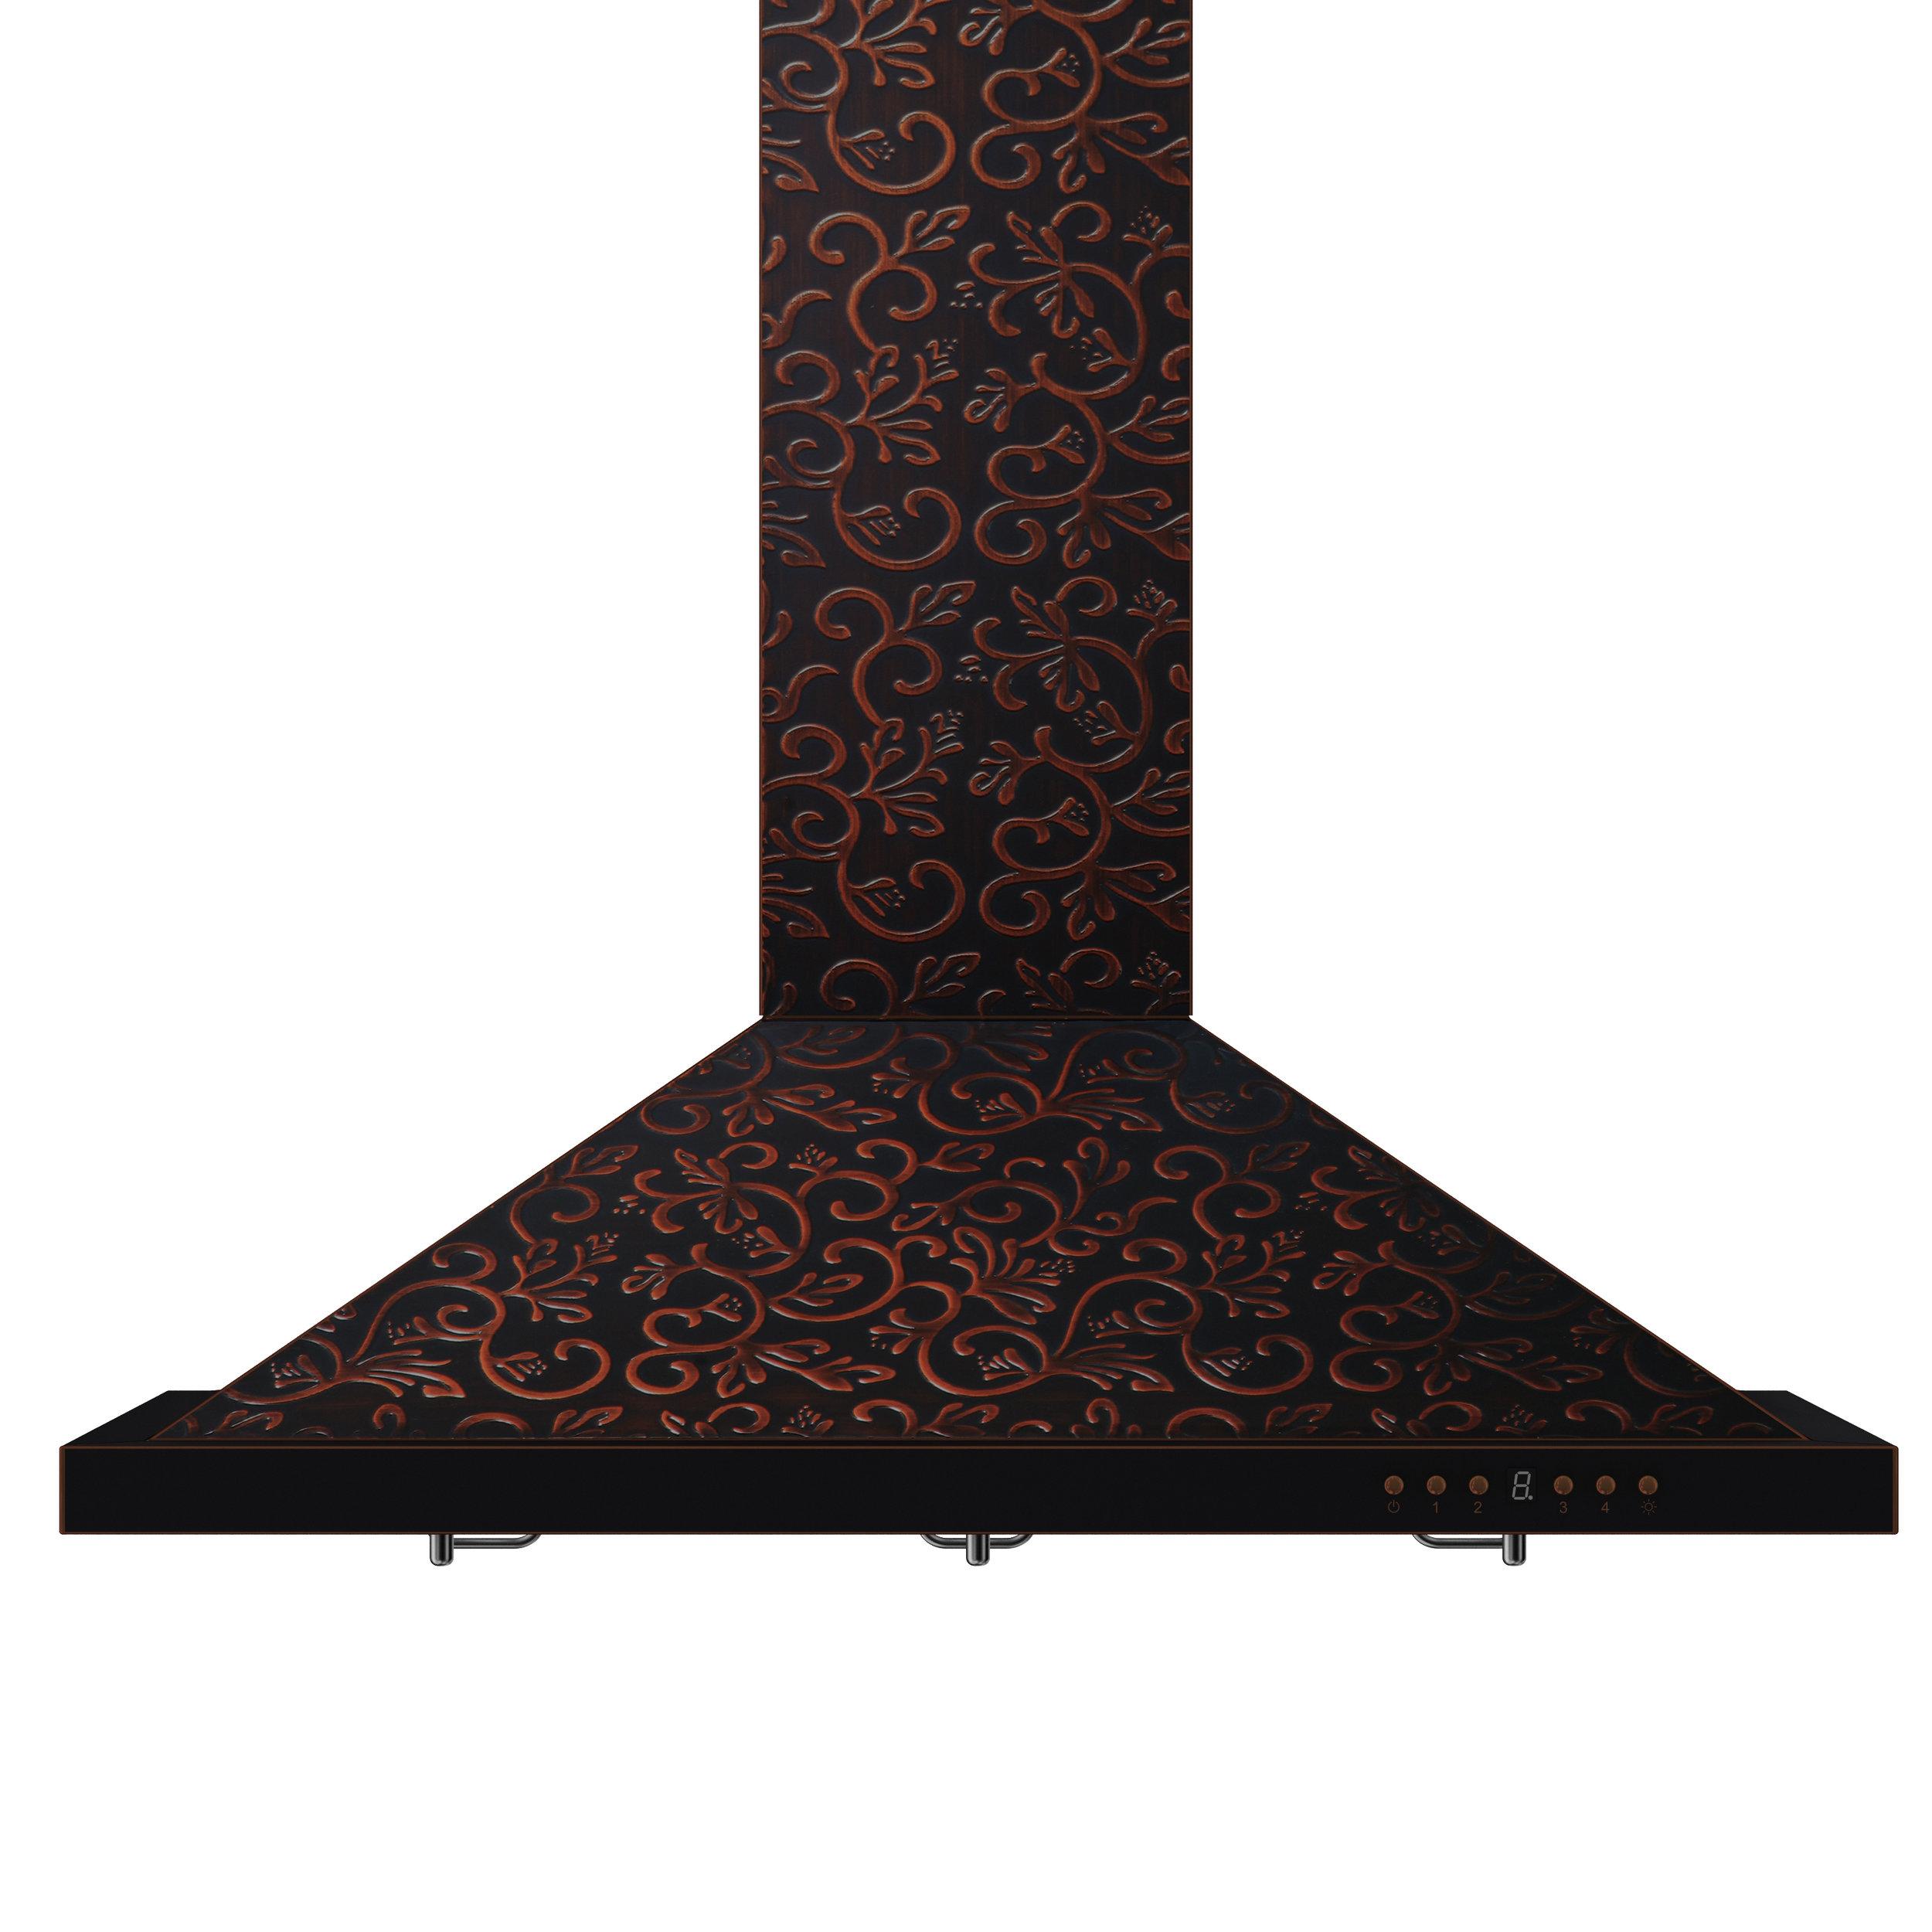 zline-copper-wall-mounted-range-hood-8KBF-front.jpg